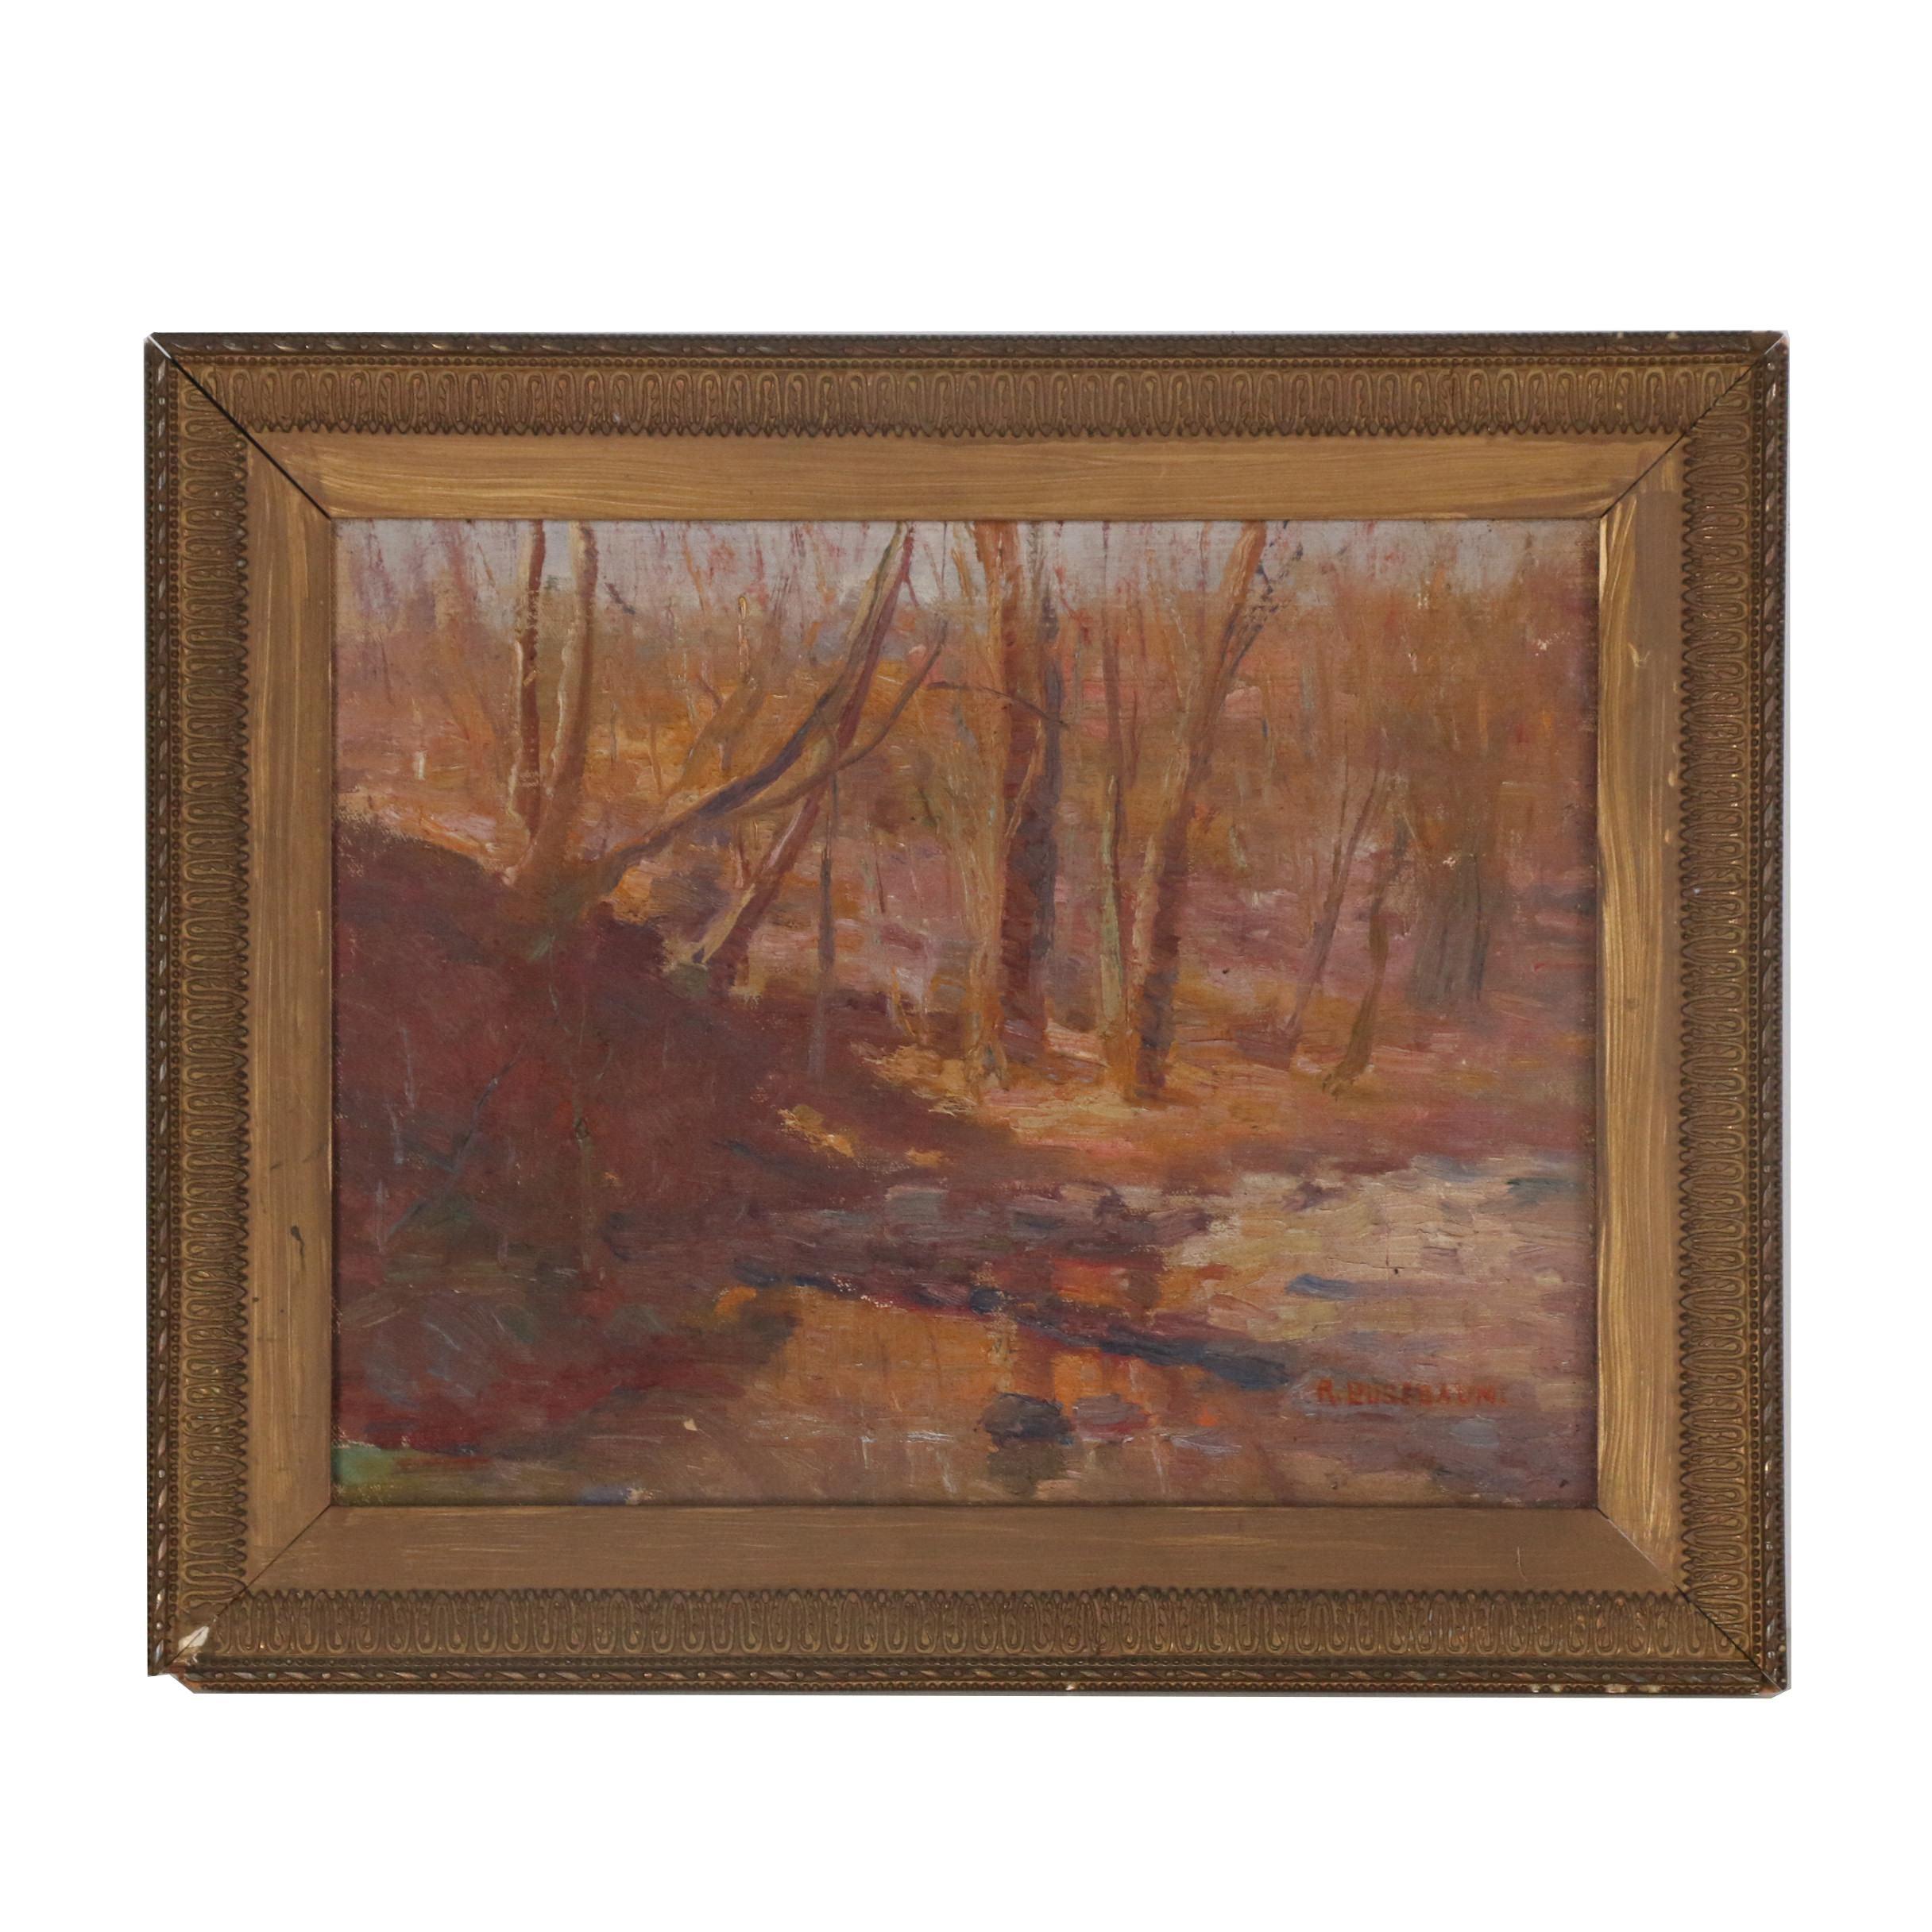 Richard Busebaum Landscape Oil Painting